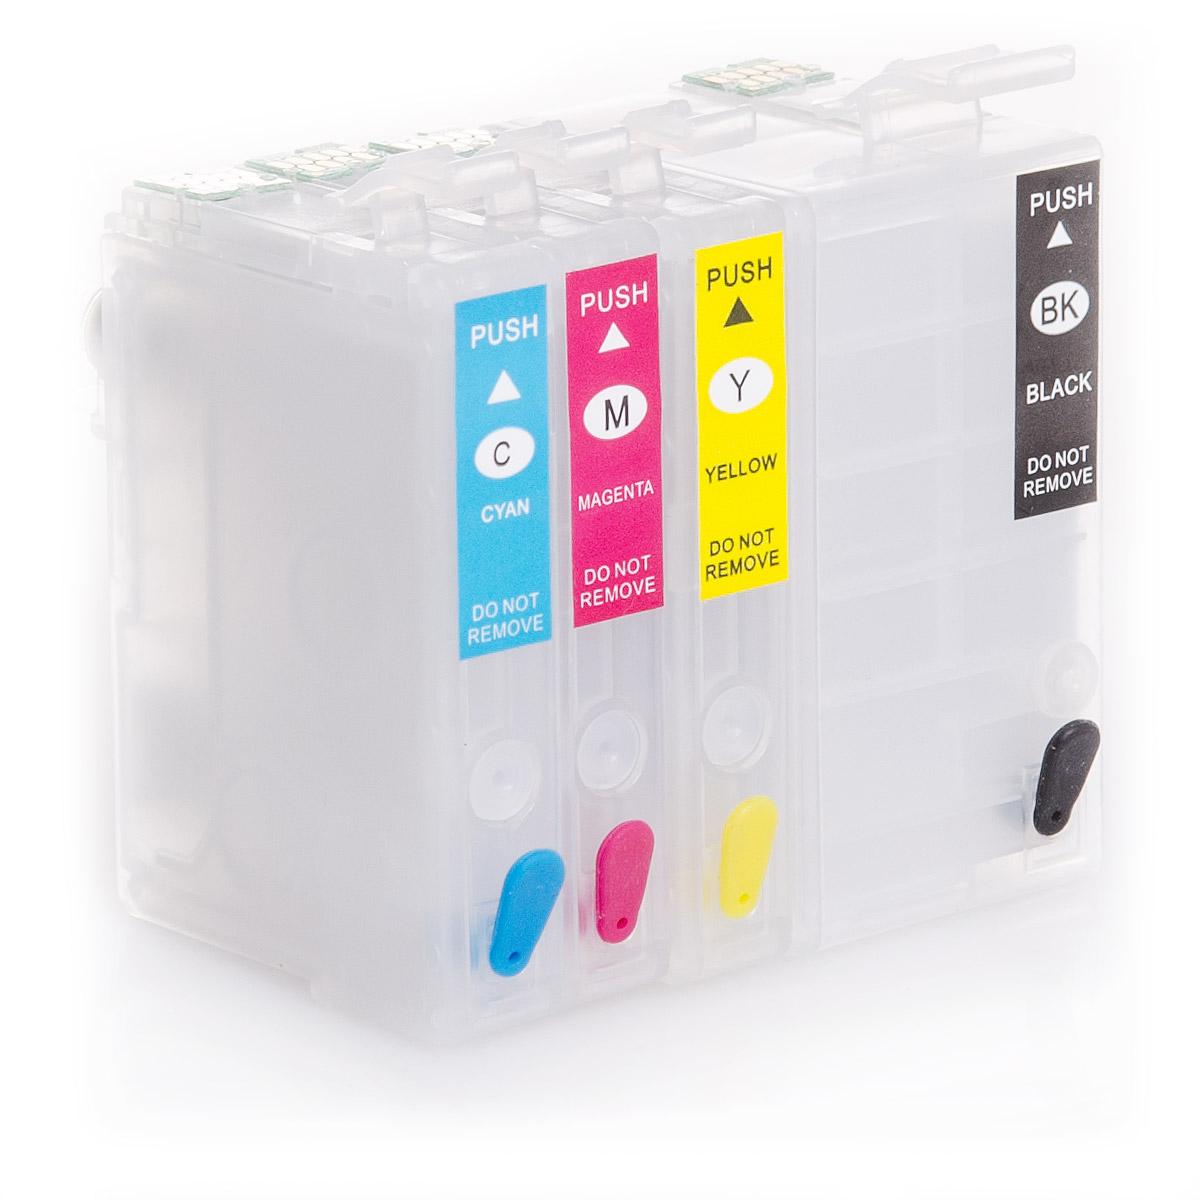 4x Refill Kartuschen für Epson Workforce WF-7110 | kompatibel